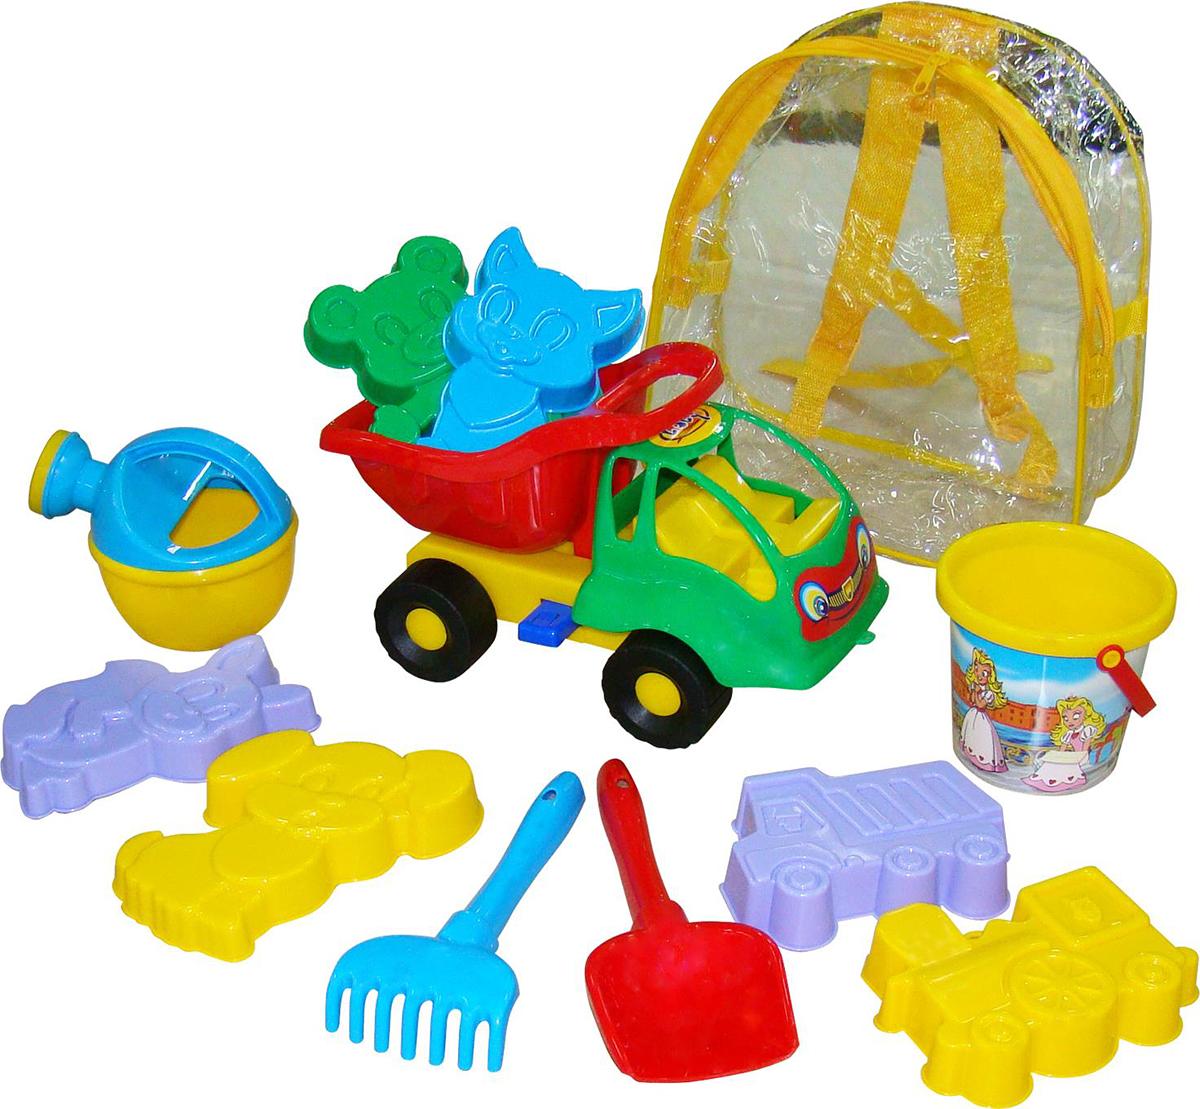 Полесье Набор игрушек для песочницы №211 Муравей, цвет в ассортименте